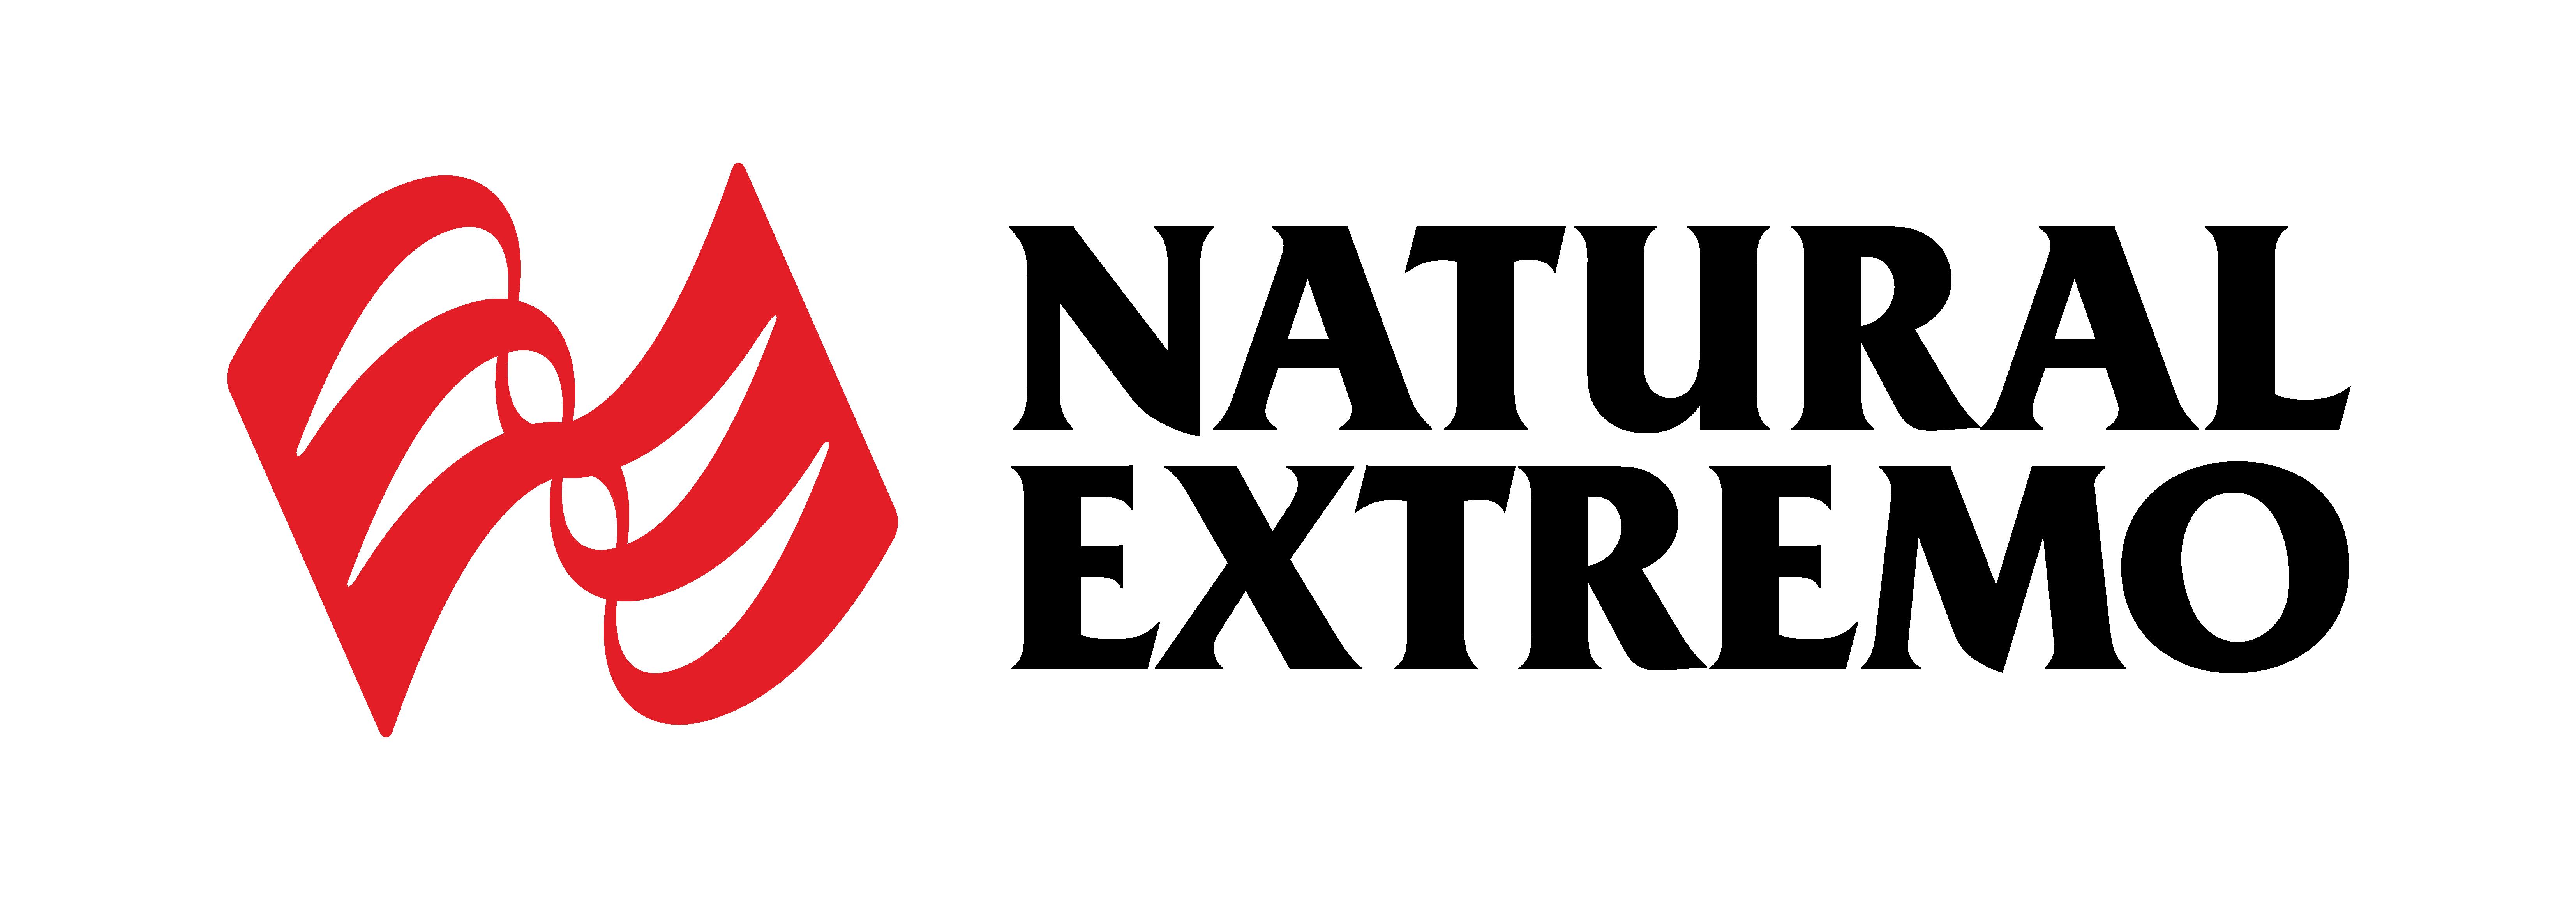 Logotipo Natural Extremo PNG 2020